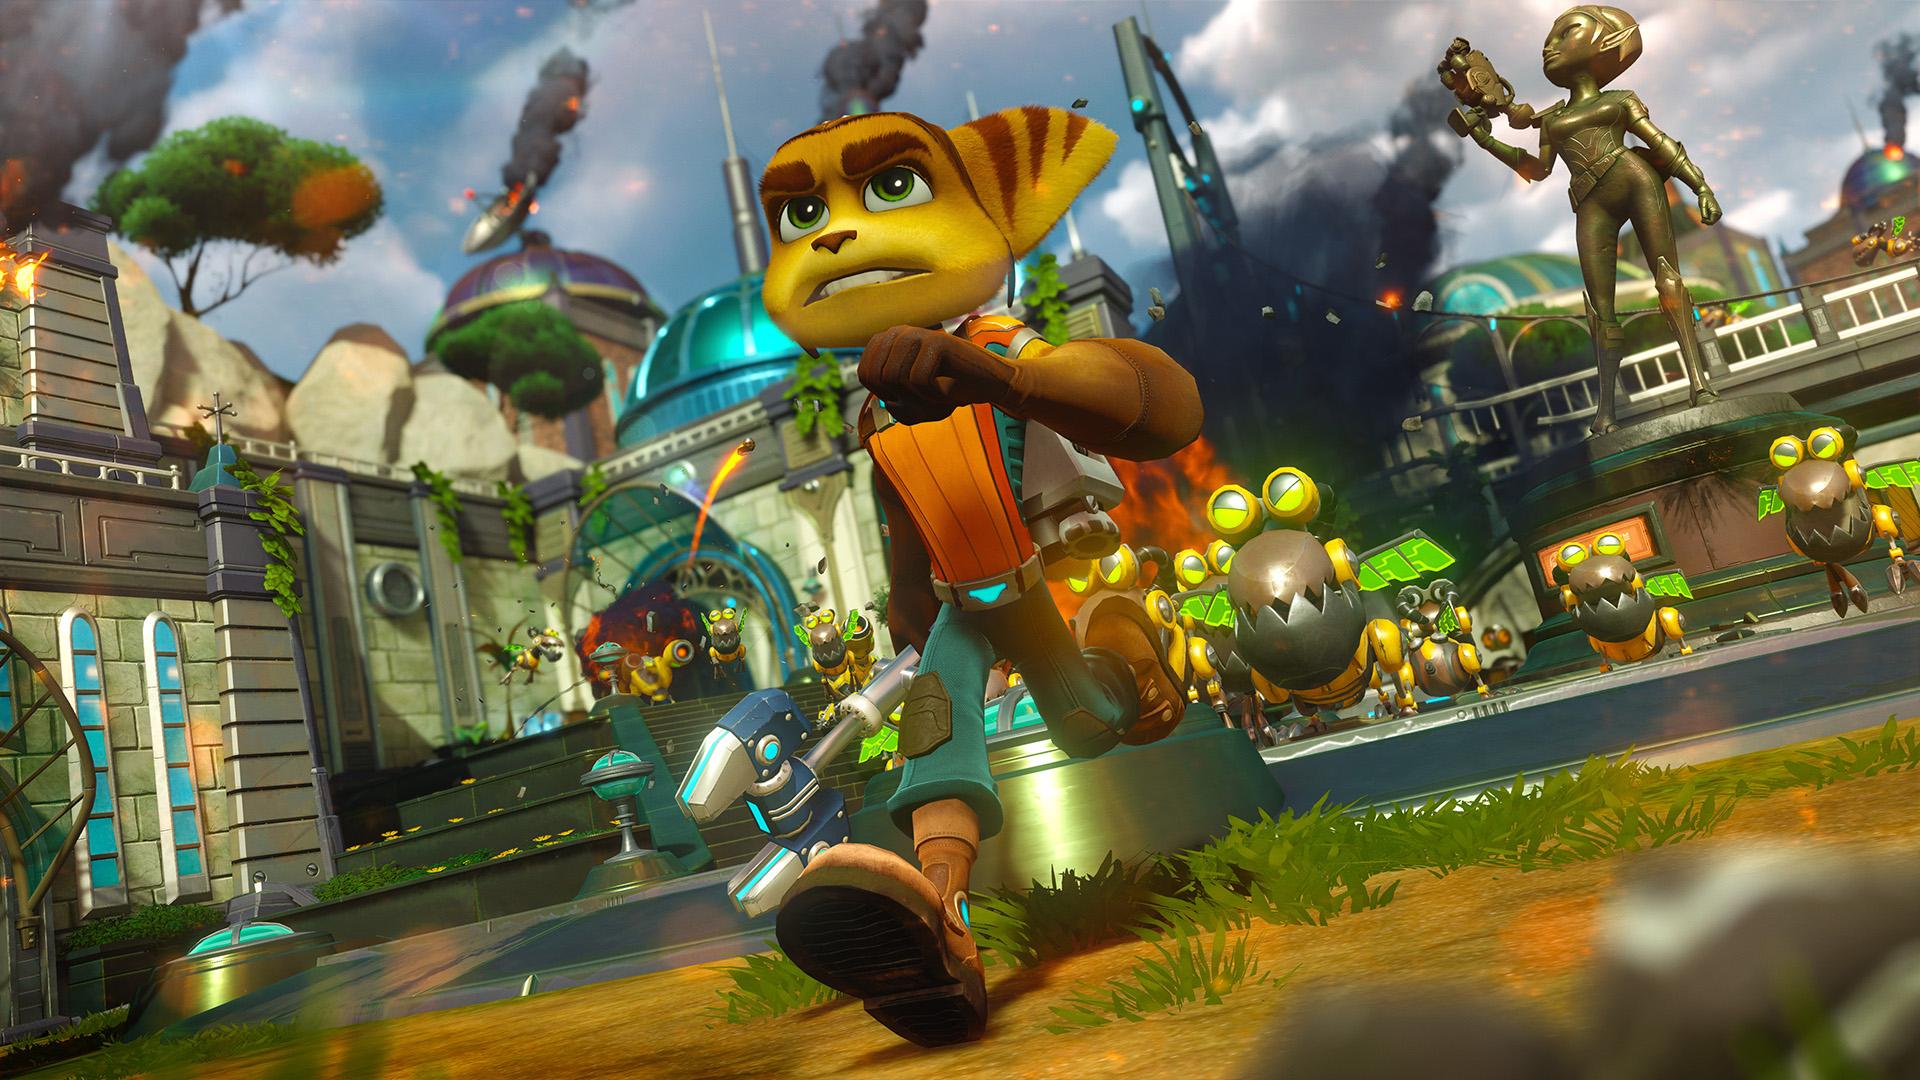 Imagini pentru Ratchet & Clank Hits